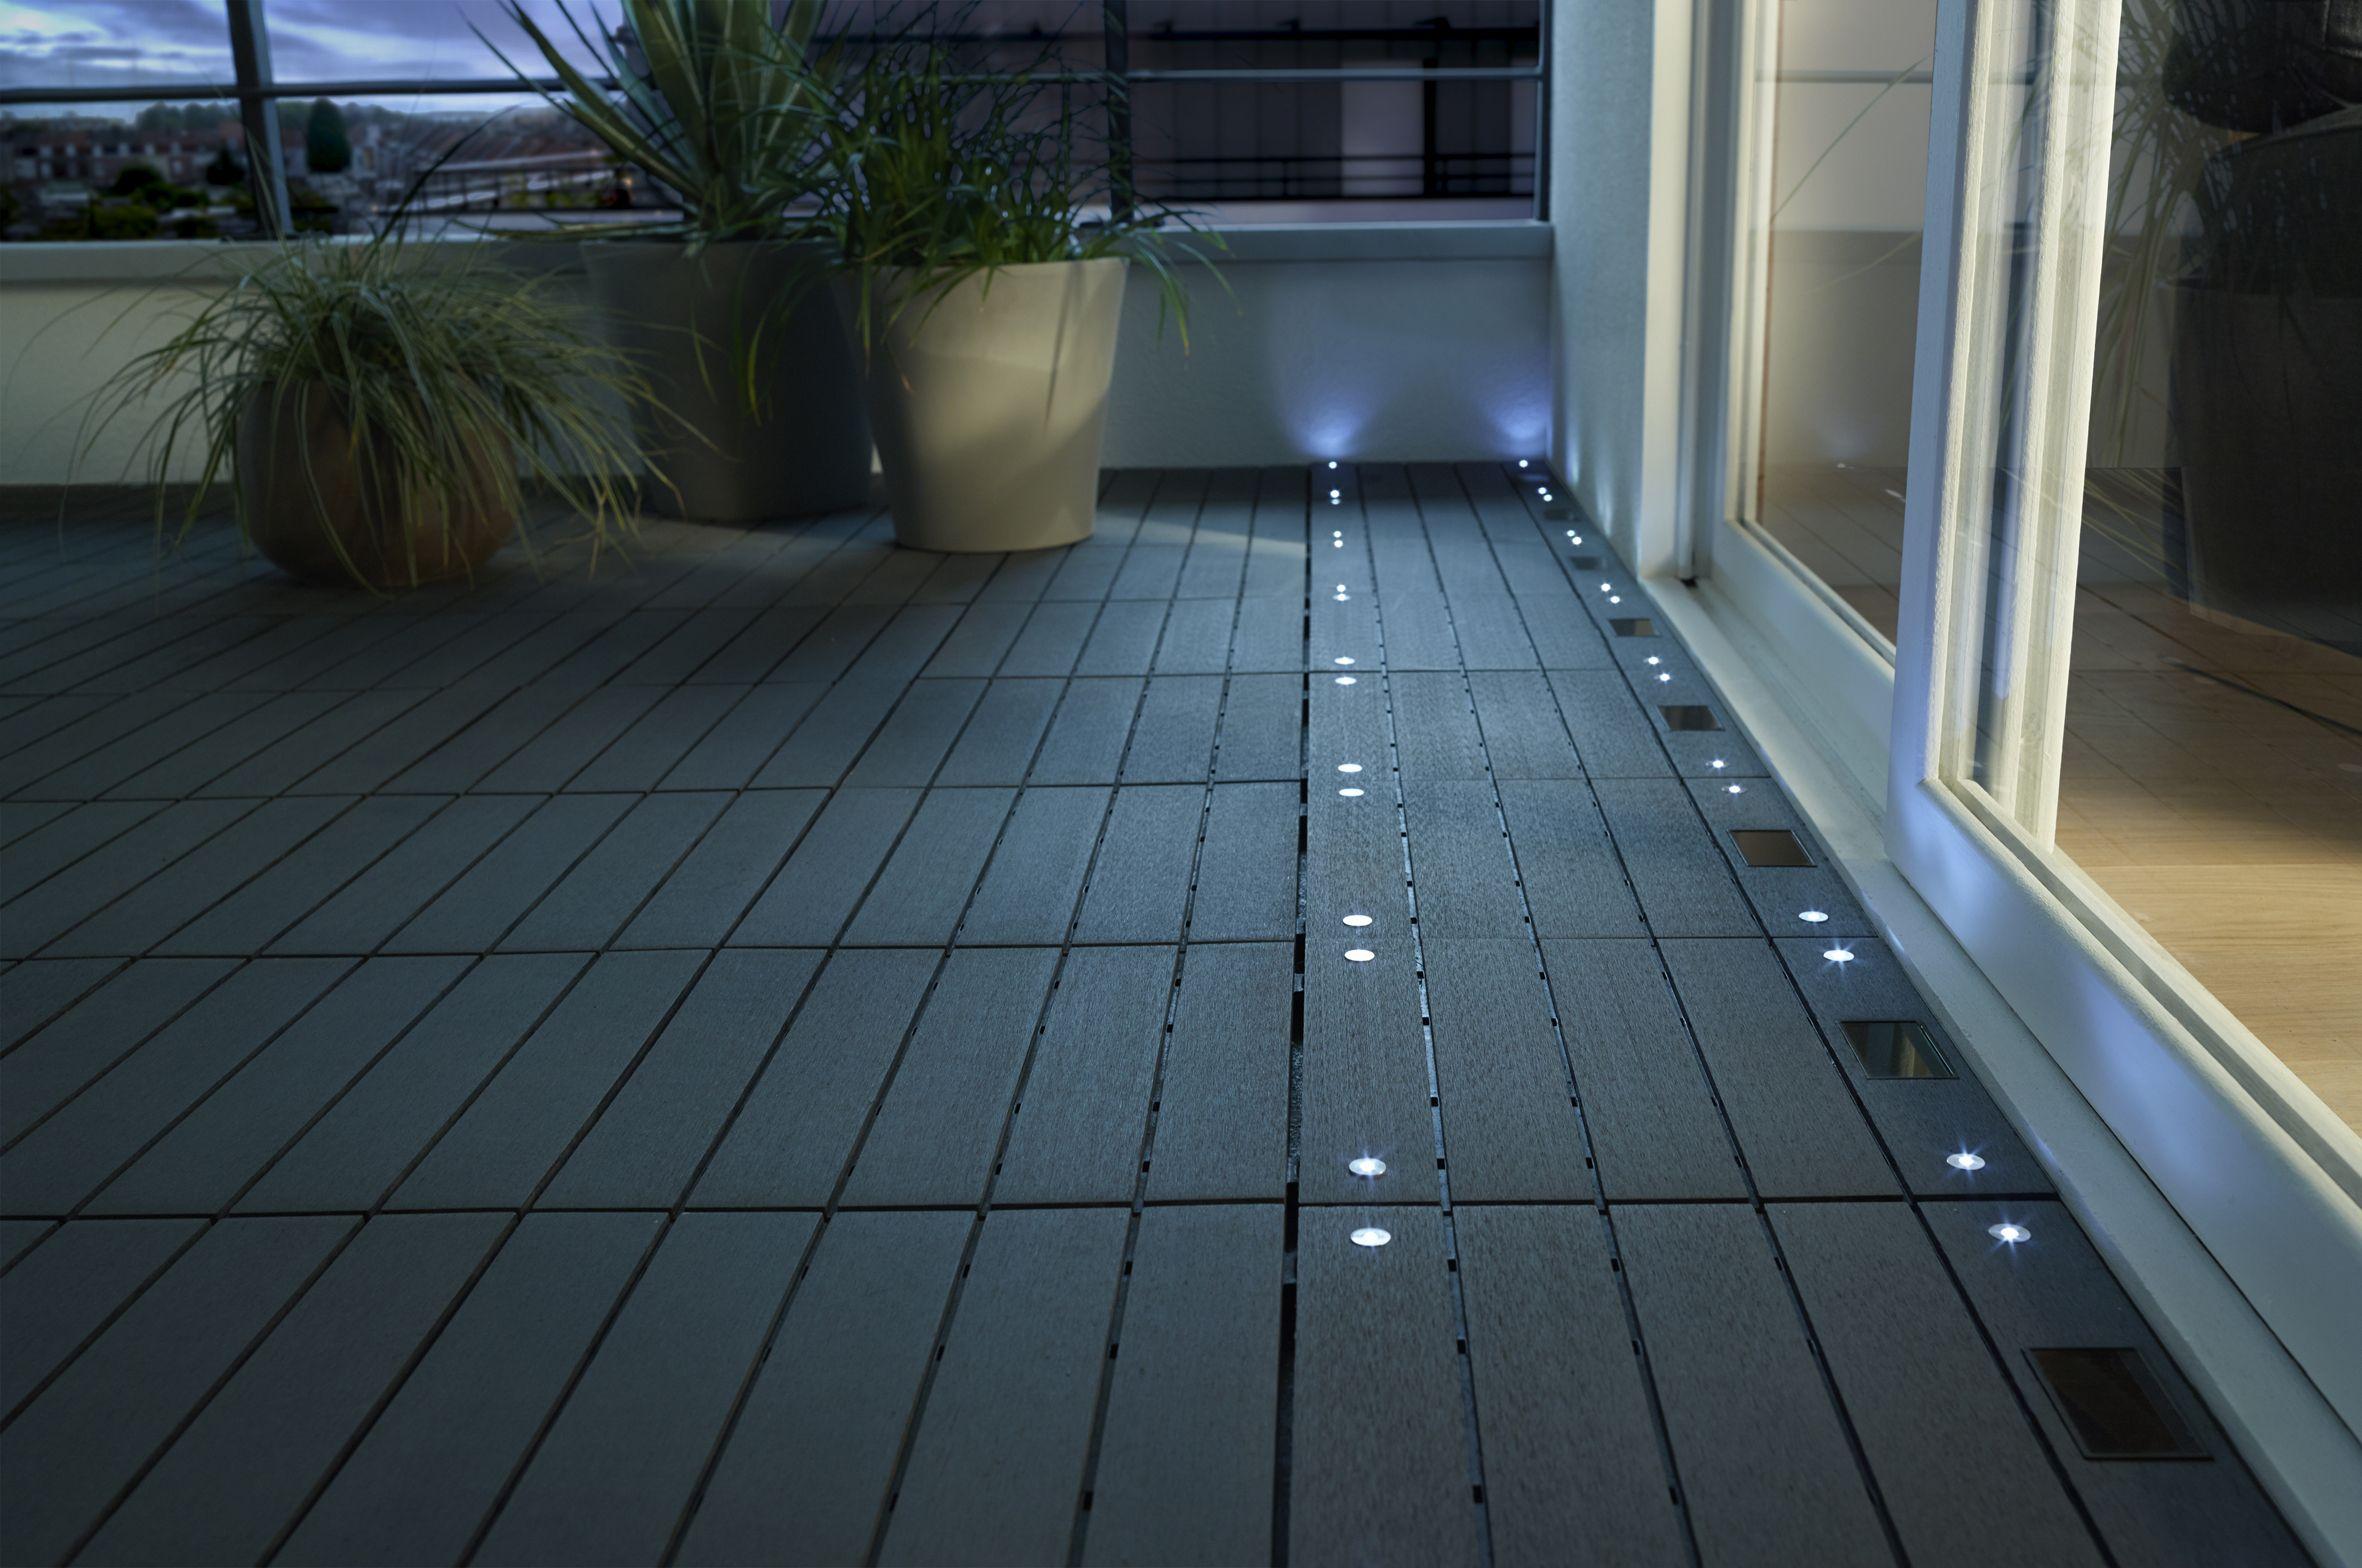 La Dalle Blooma Emboitable En Composite Avec Led Habille Le Sol De Votre Terrasse Avec Classe Eclairage Terrasse Terrasse Eclairage Exterieur